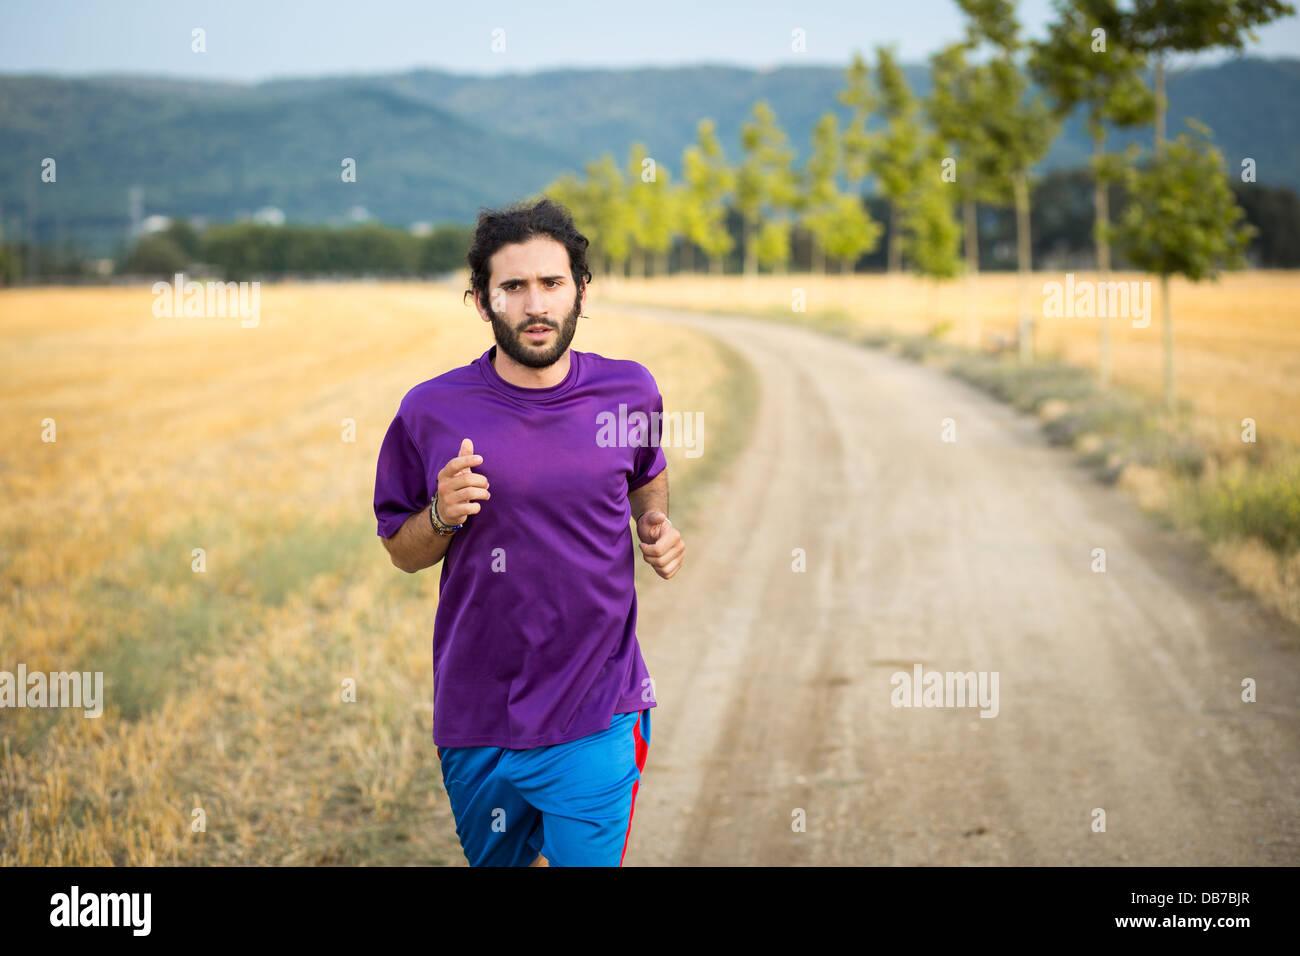 Atletica Giovane uomo che corre nella natura Immagini Stock